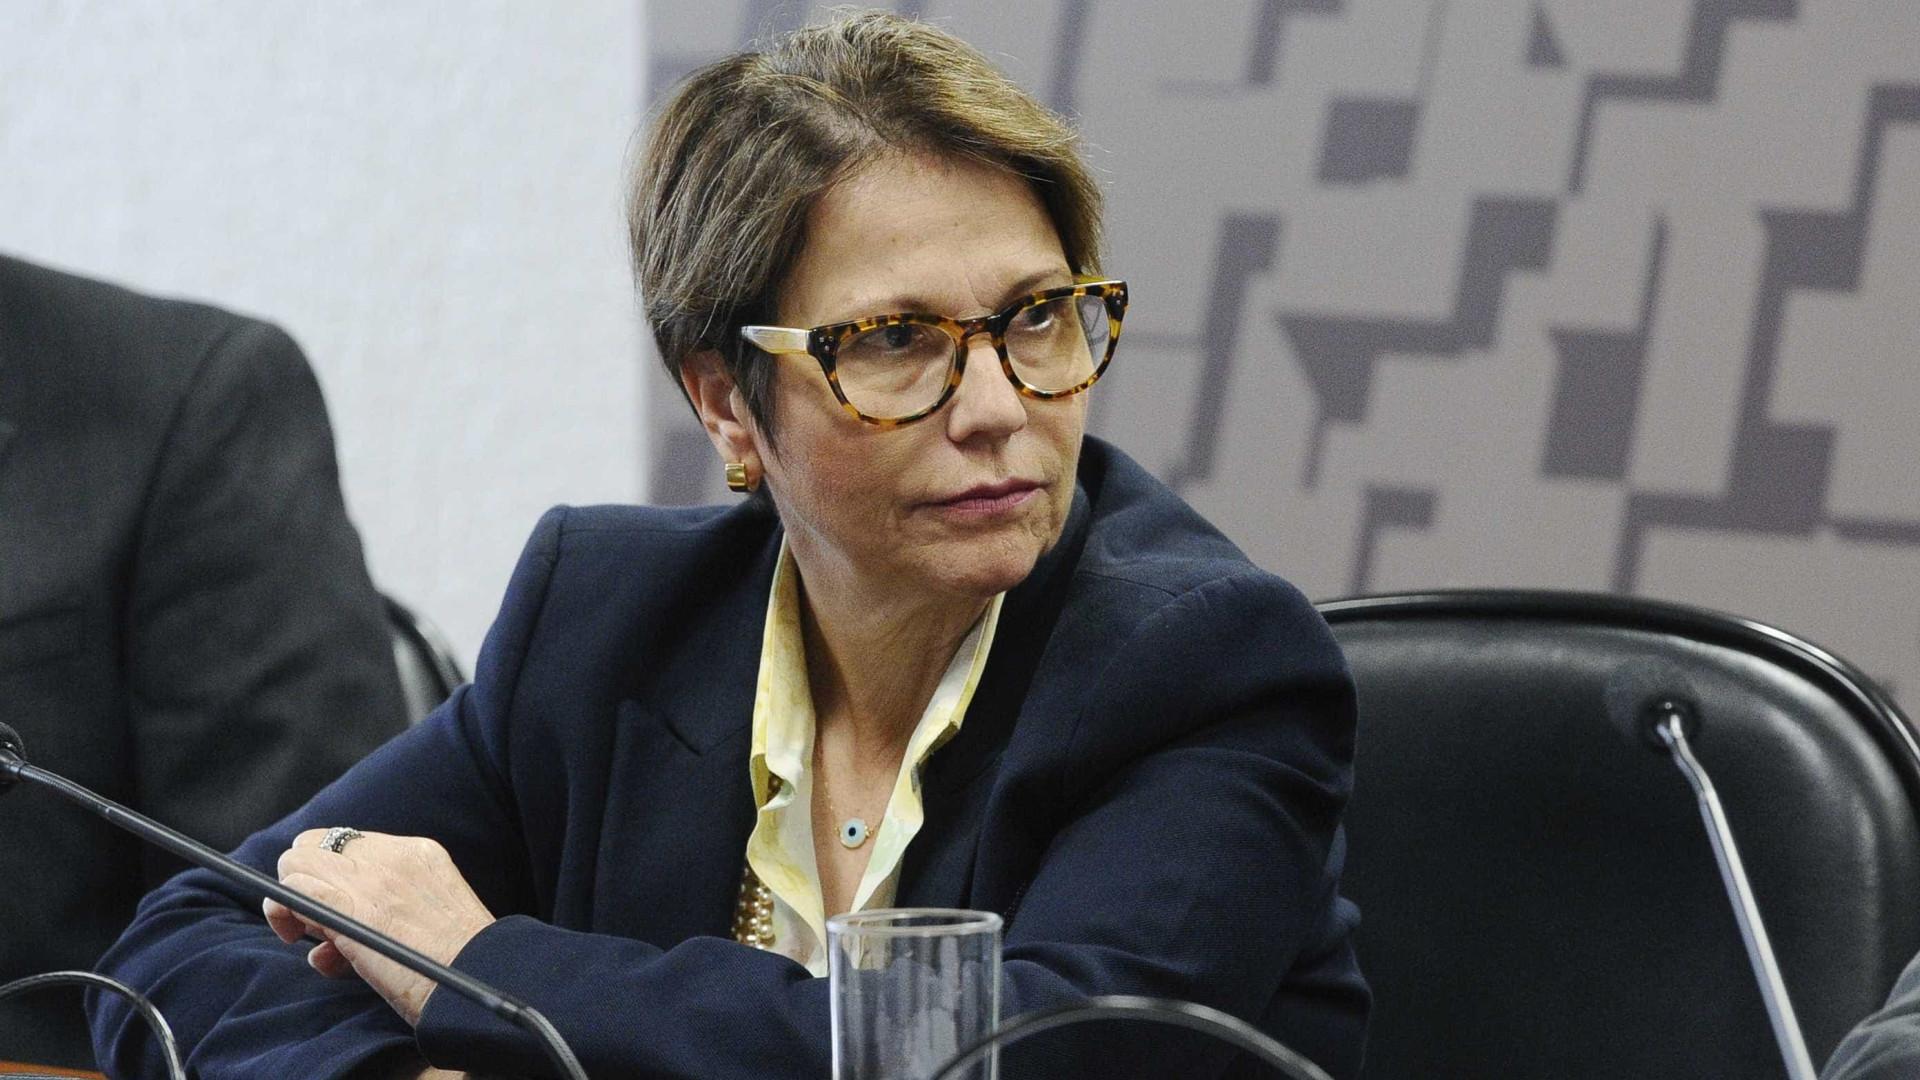 Ministra de Bolsonaro deu incentivos fiscais à JBS em MS